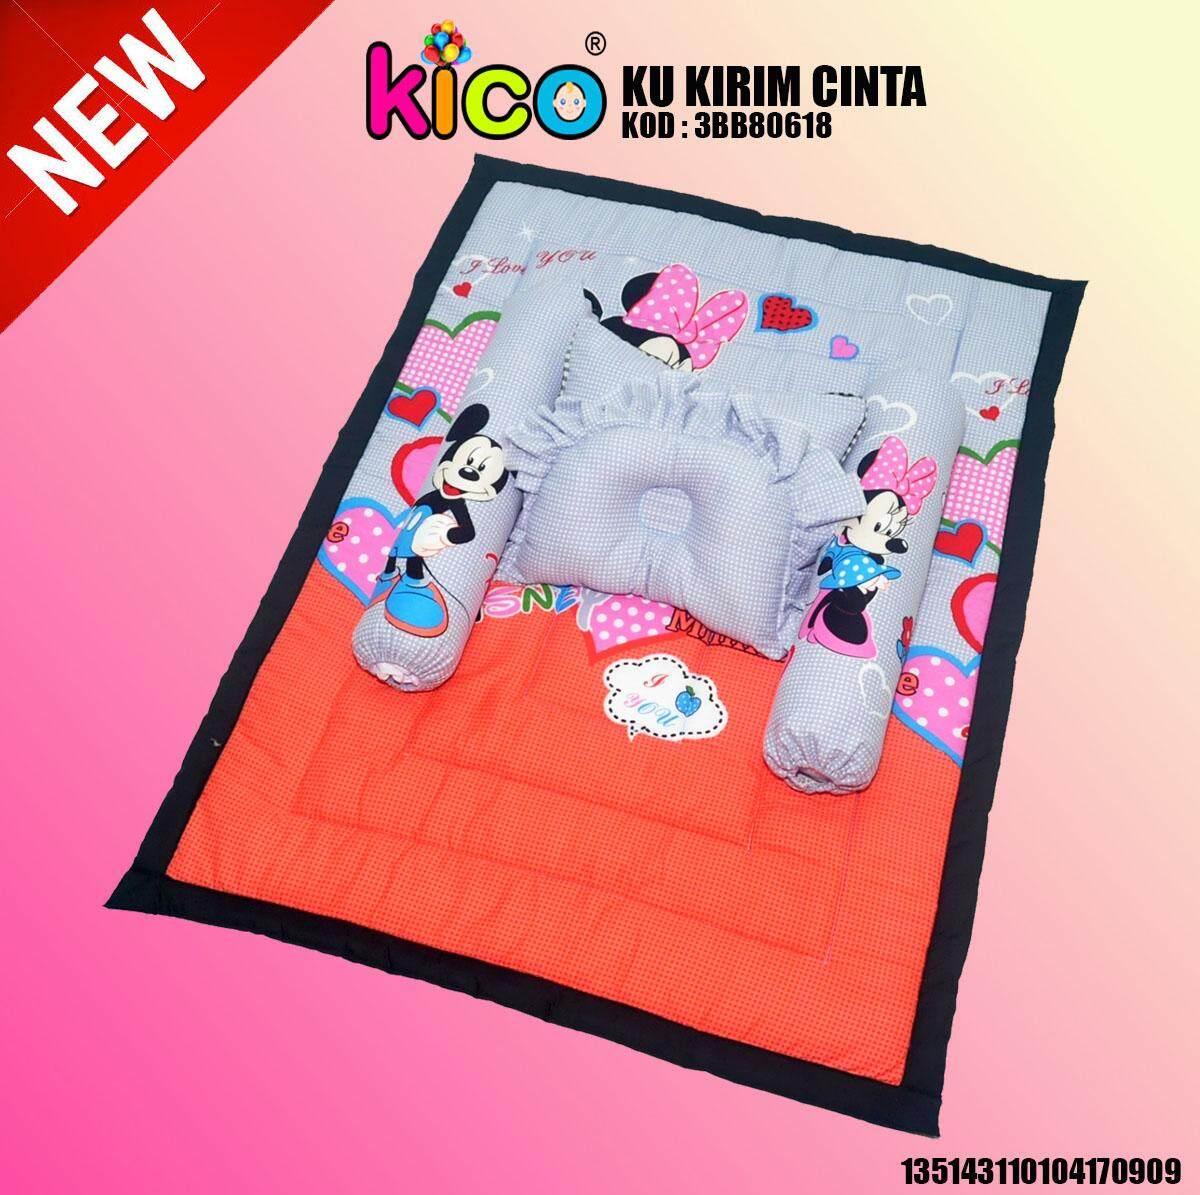 KICO Set Tilam Bantal Bayi Kekabu Asli By KICO